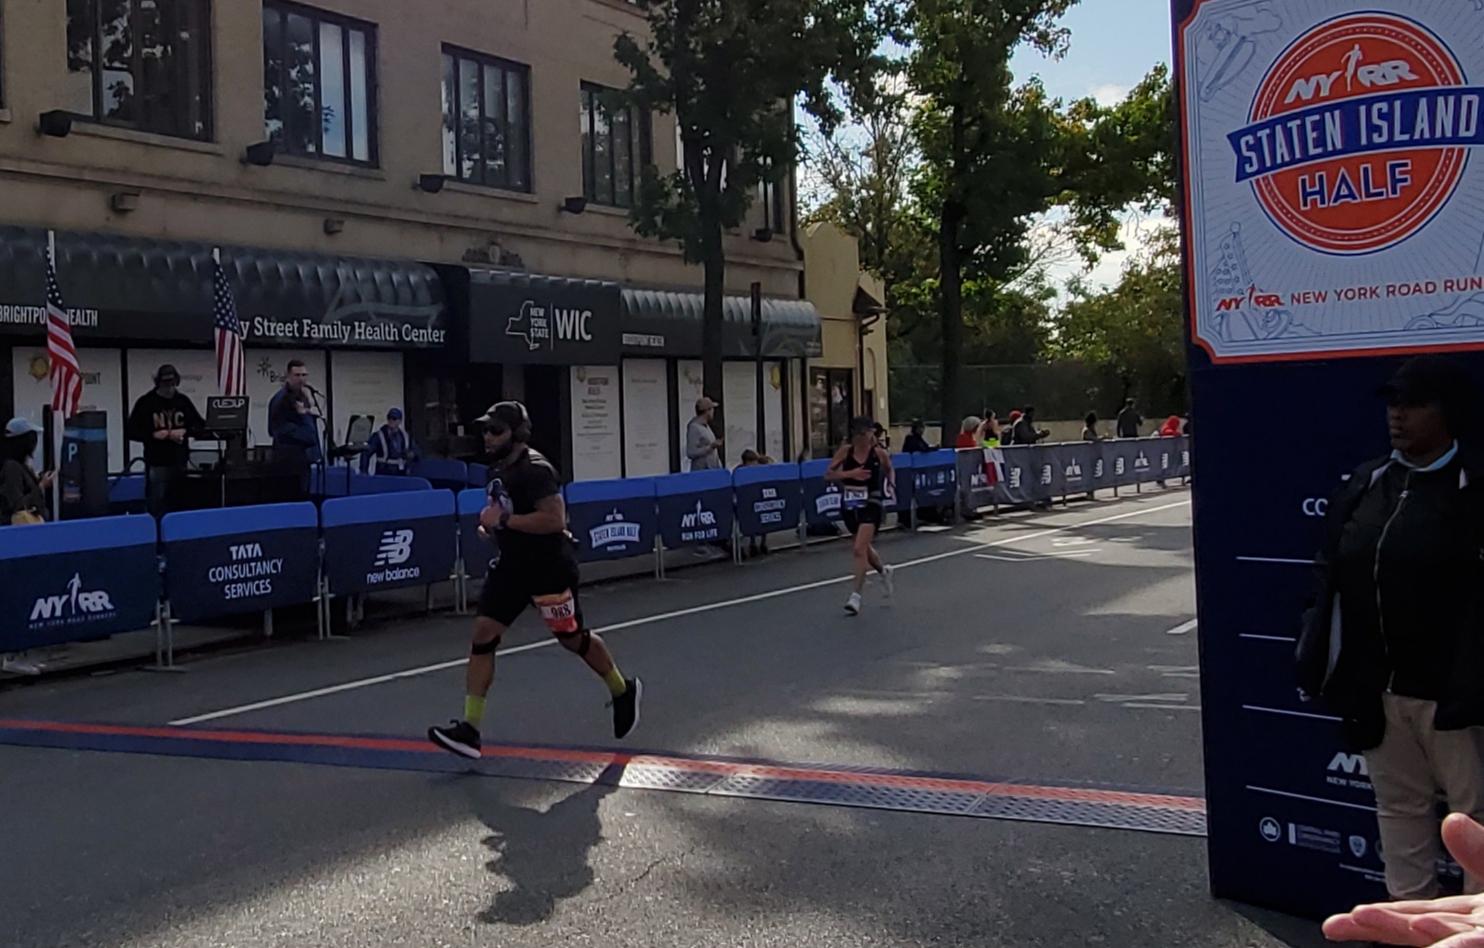 NYRR Staten Island Half Marathon 2019